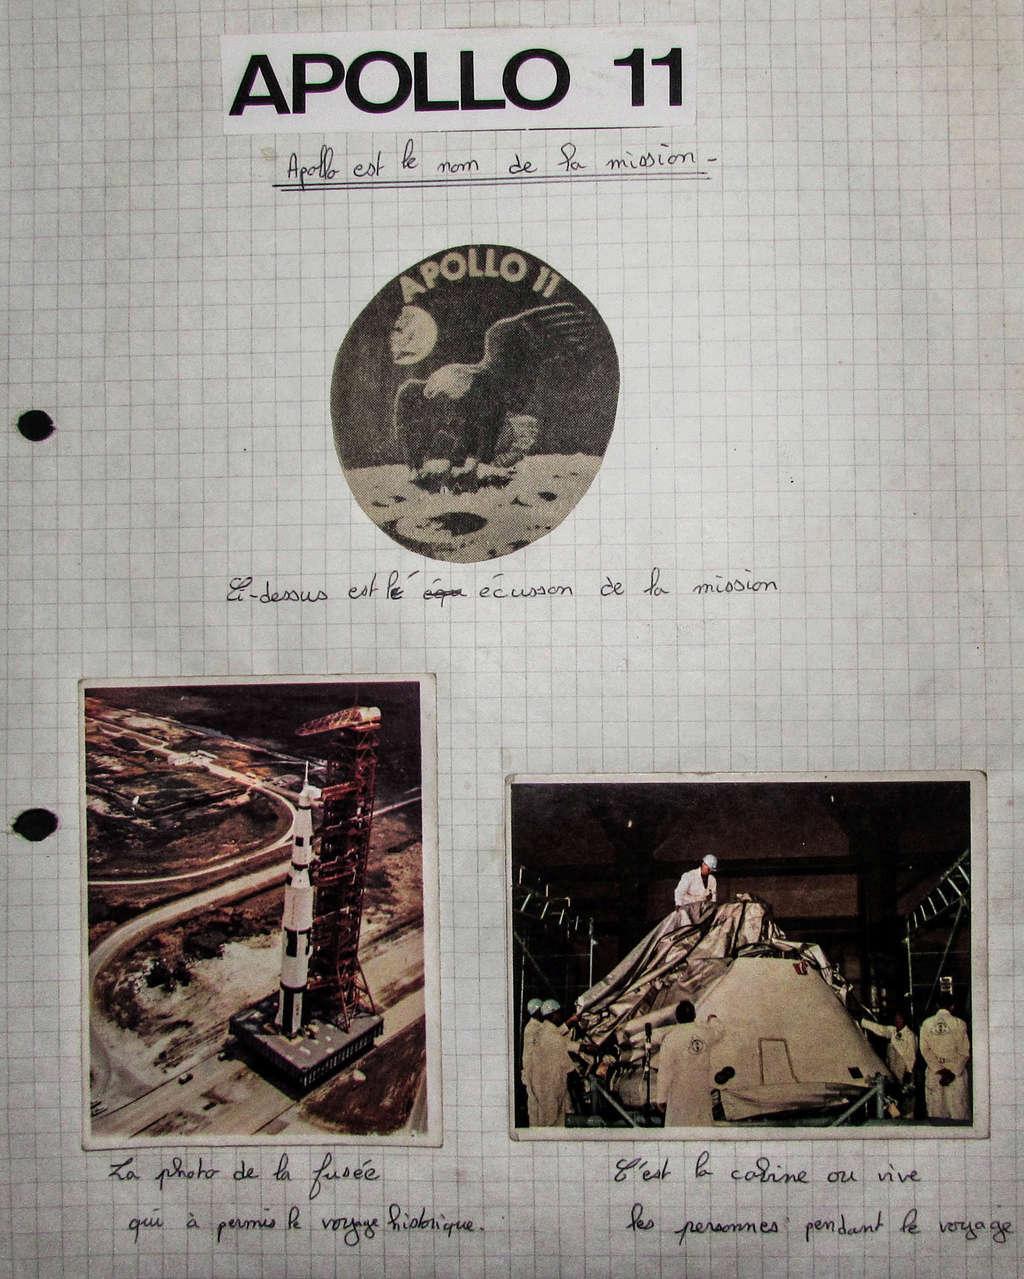 Apollo 11 vu par google earth - Page 2 Img_1915